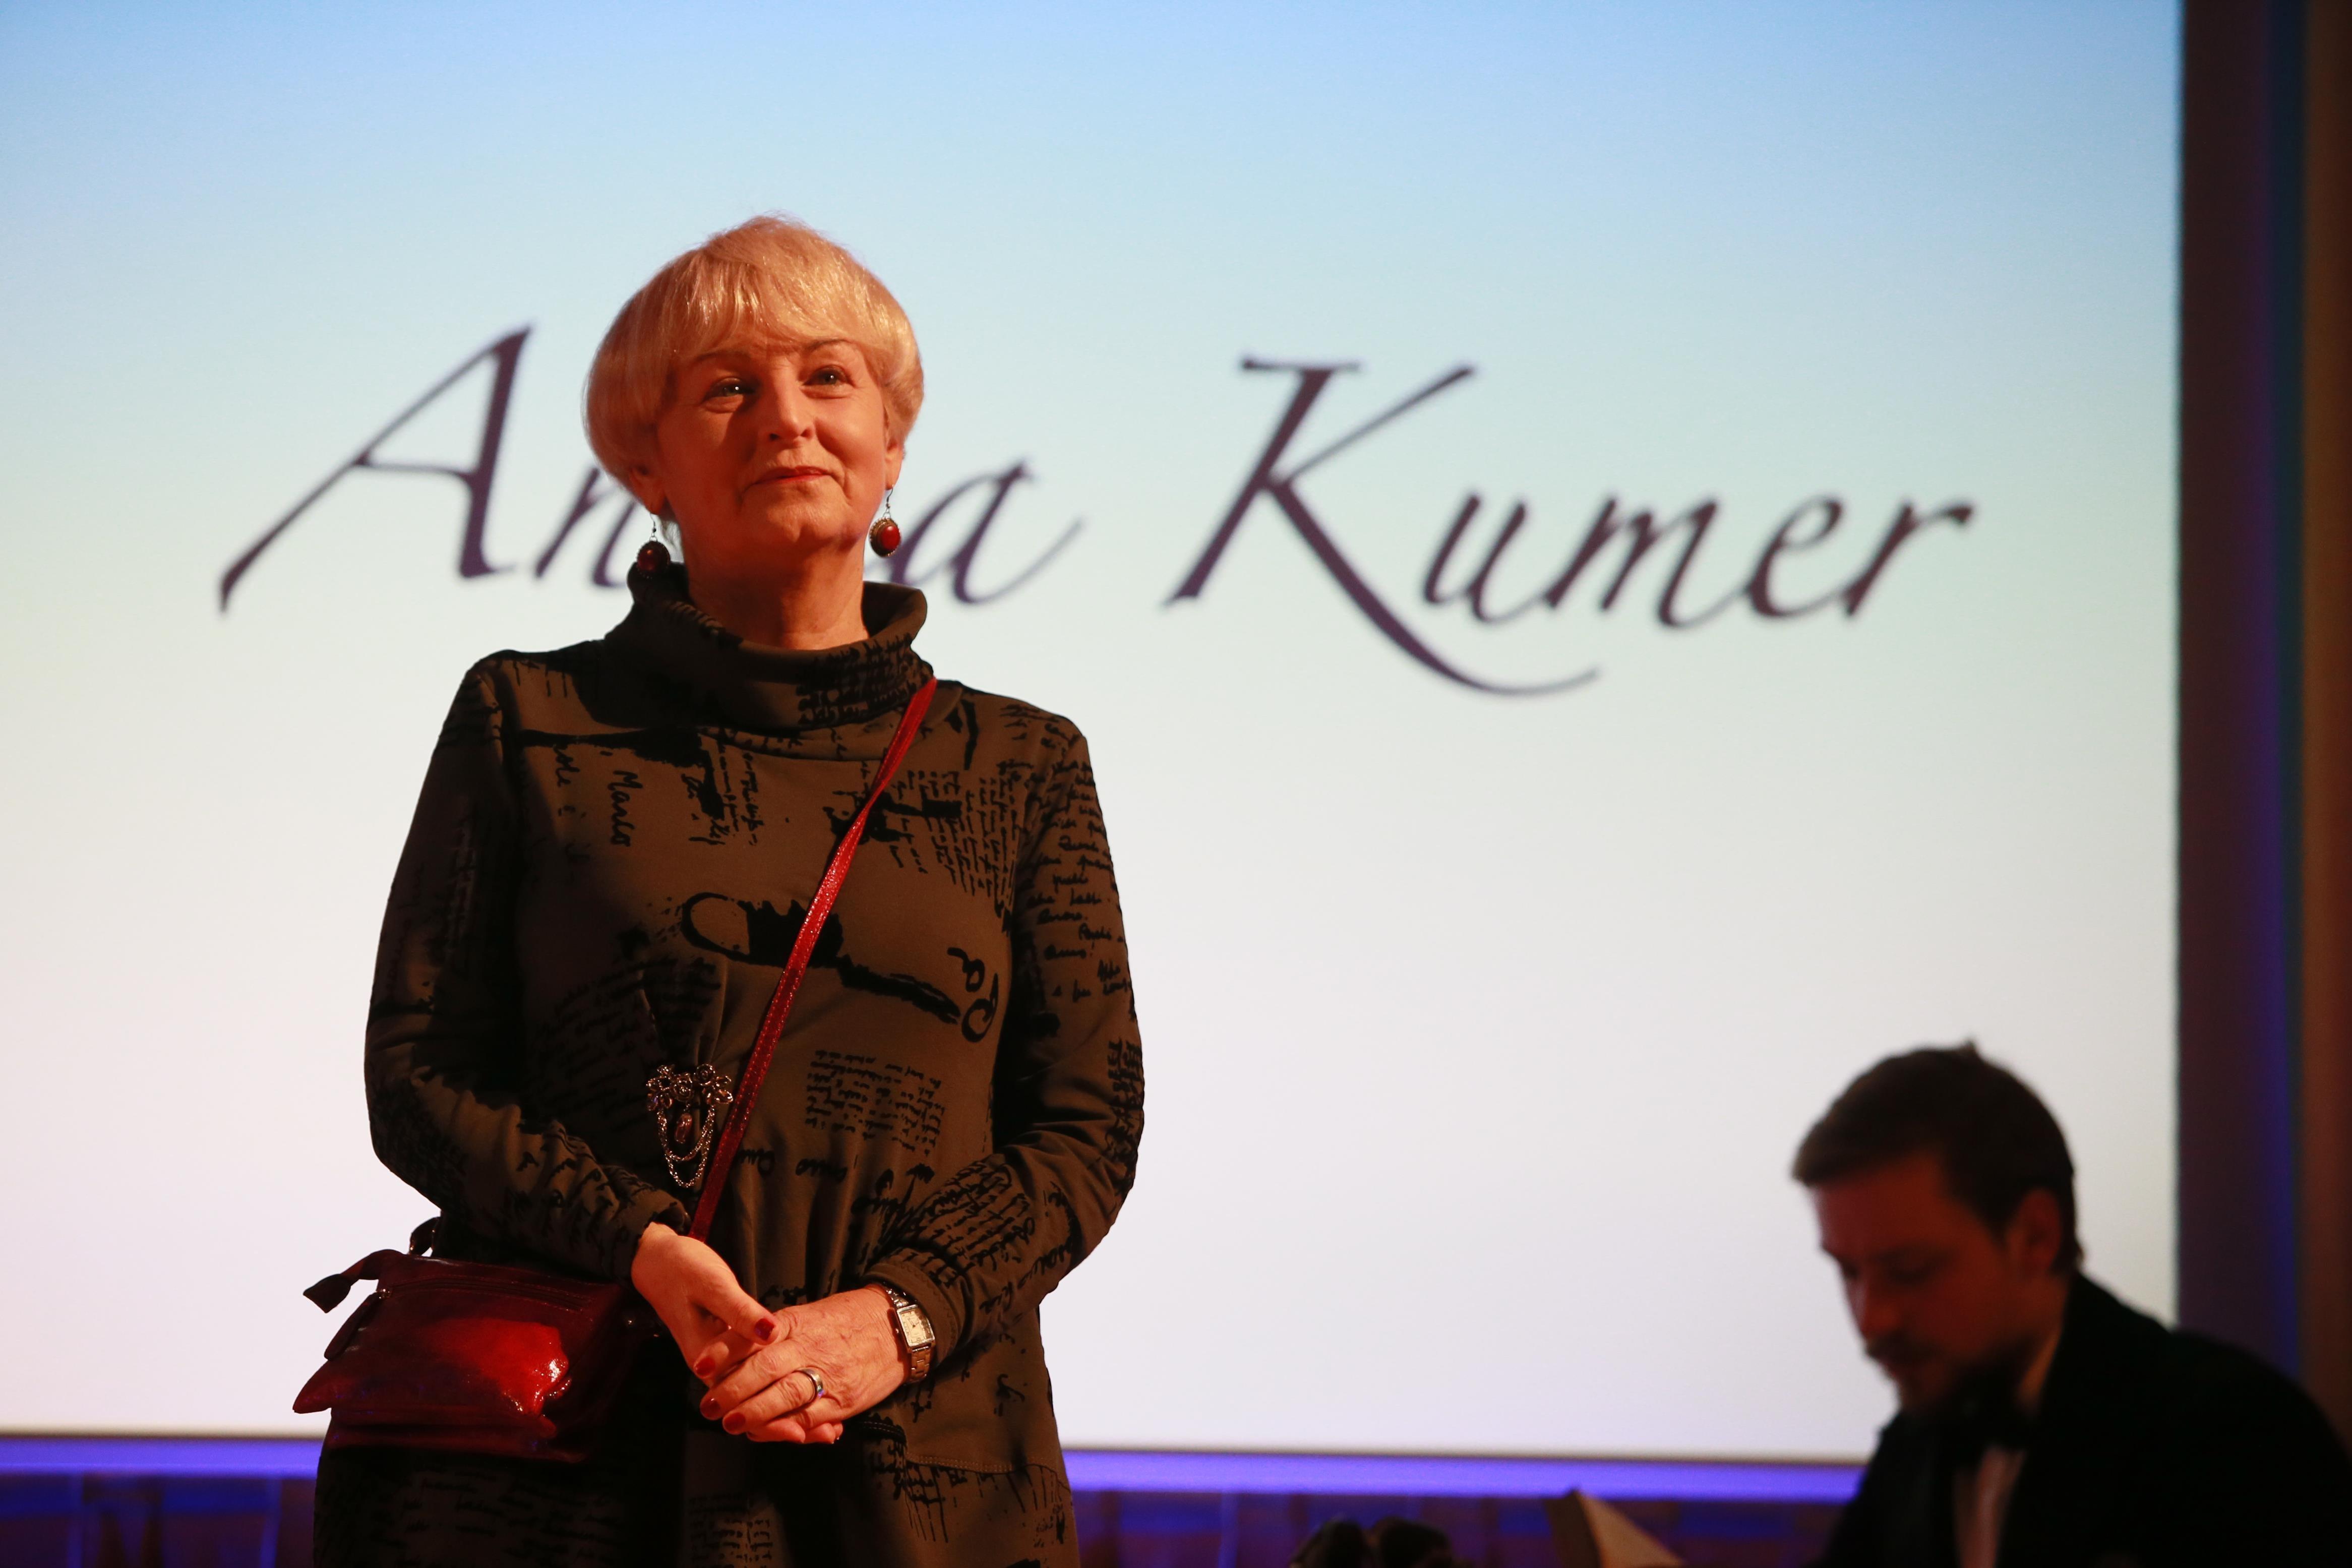 Anica Kumer